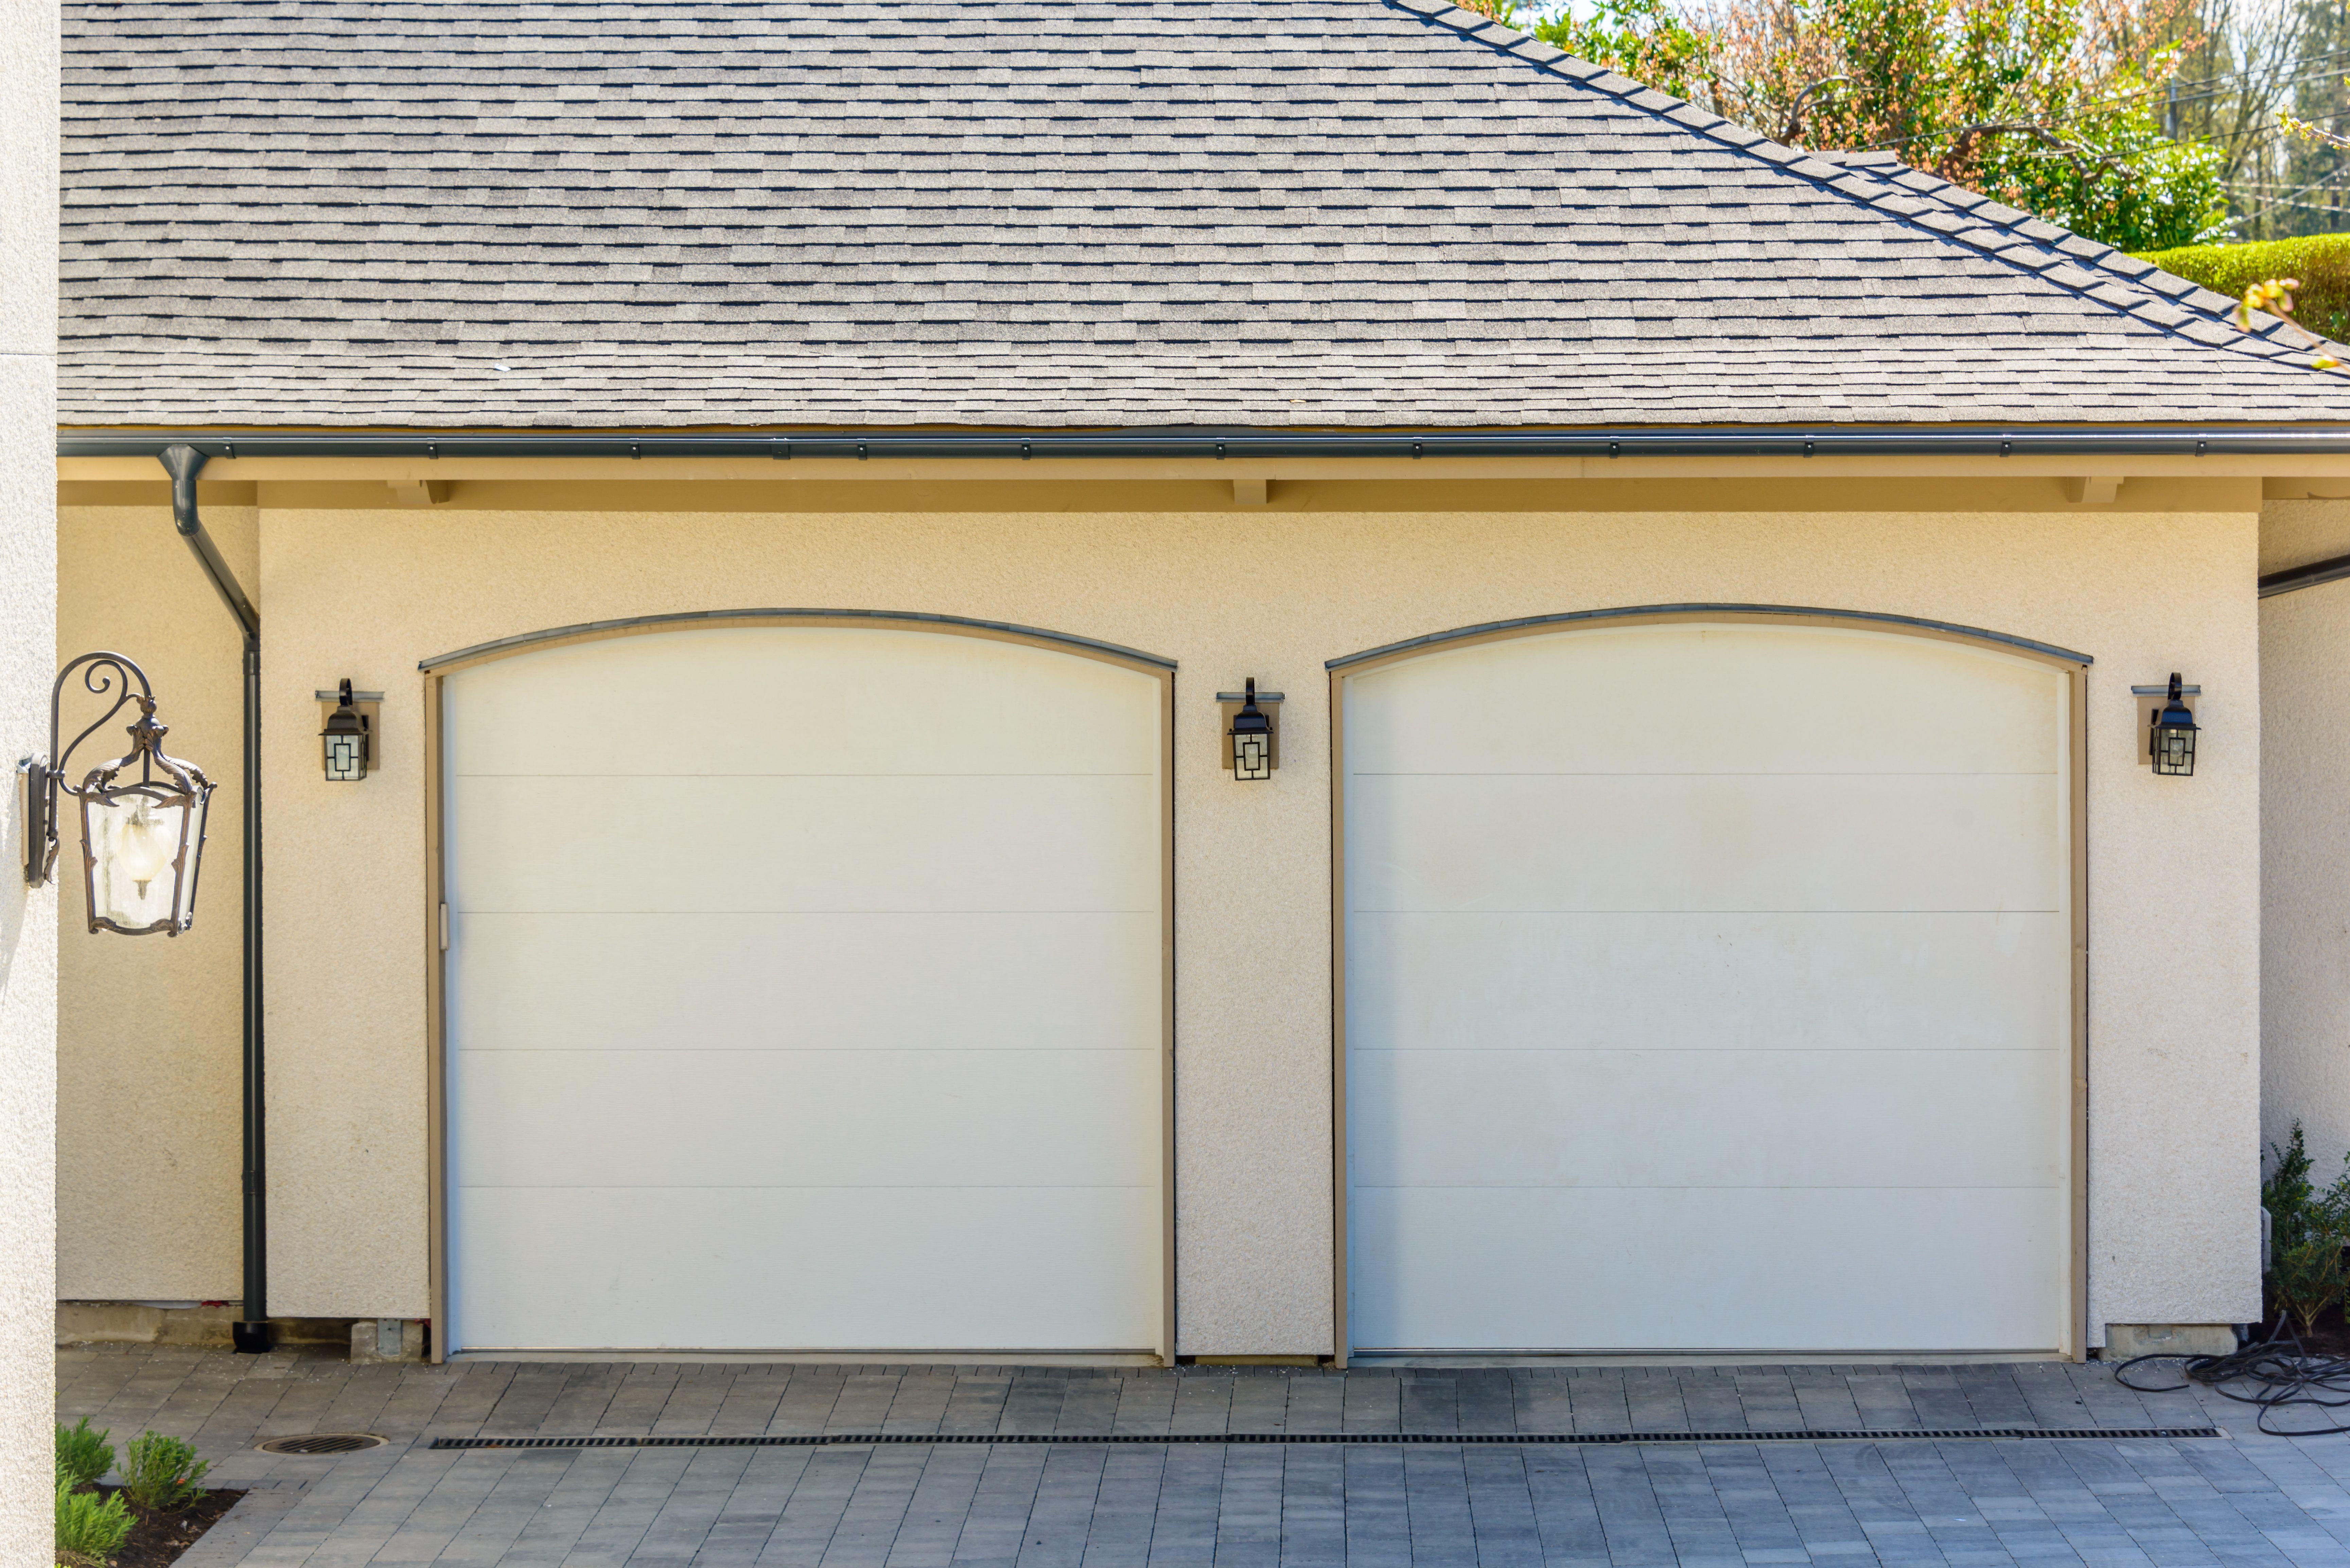 Garage Door Repair In Newport News Va In 2020 Garage Doors Door Repair Garage Door Repair